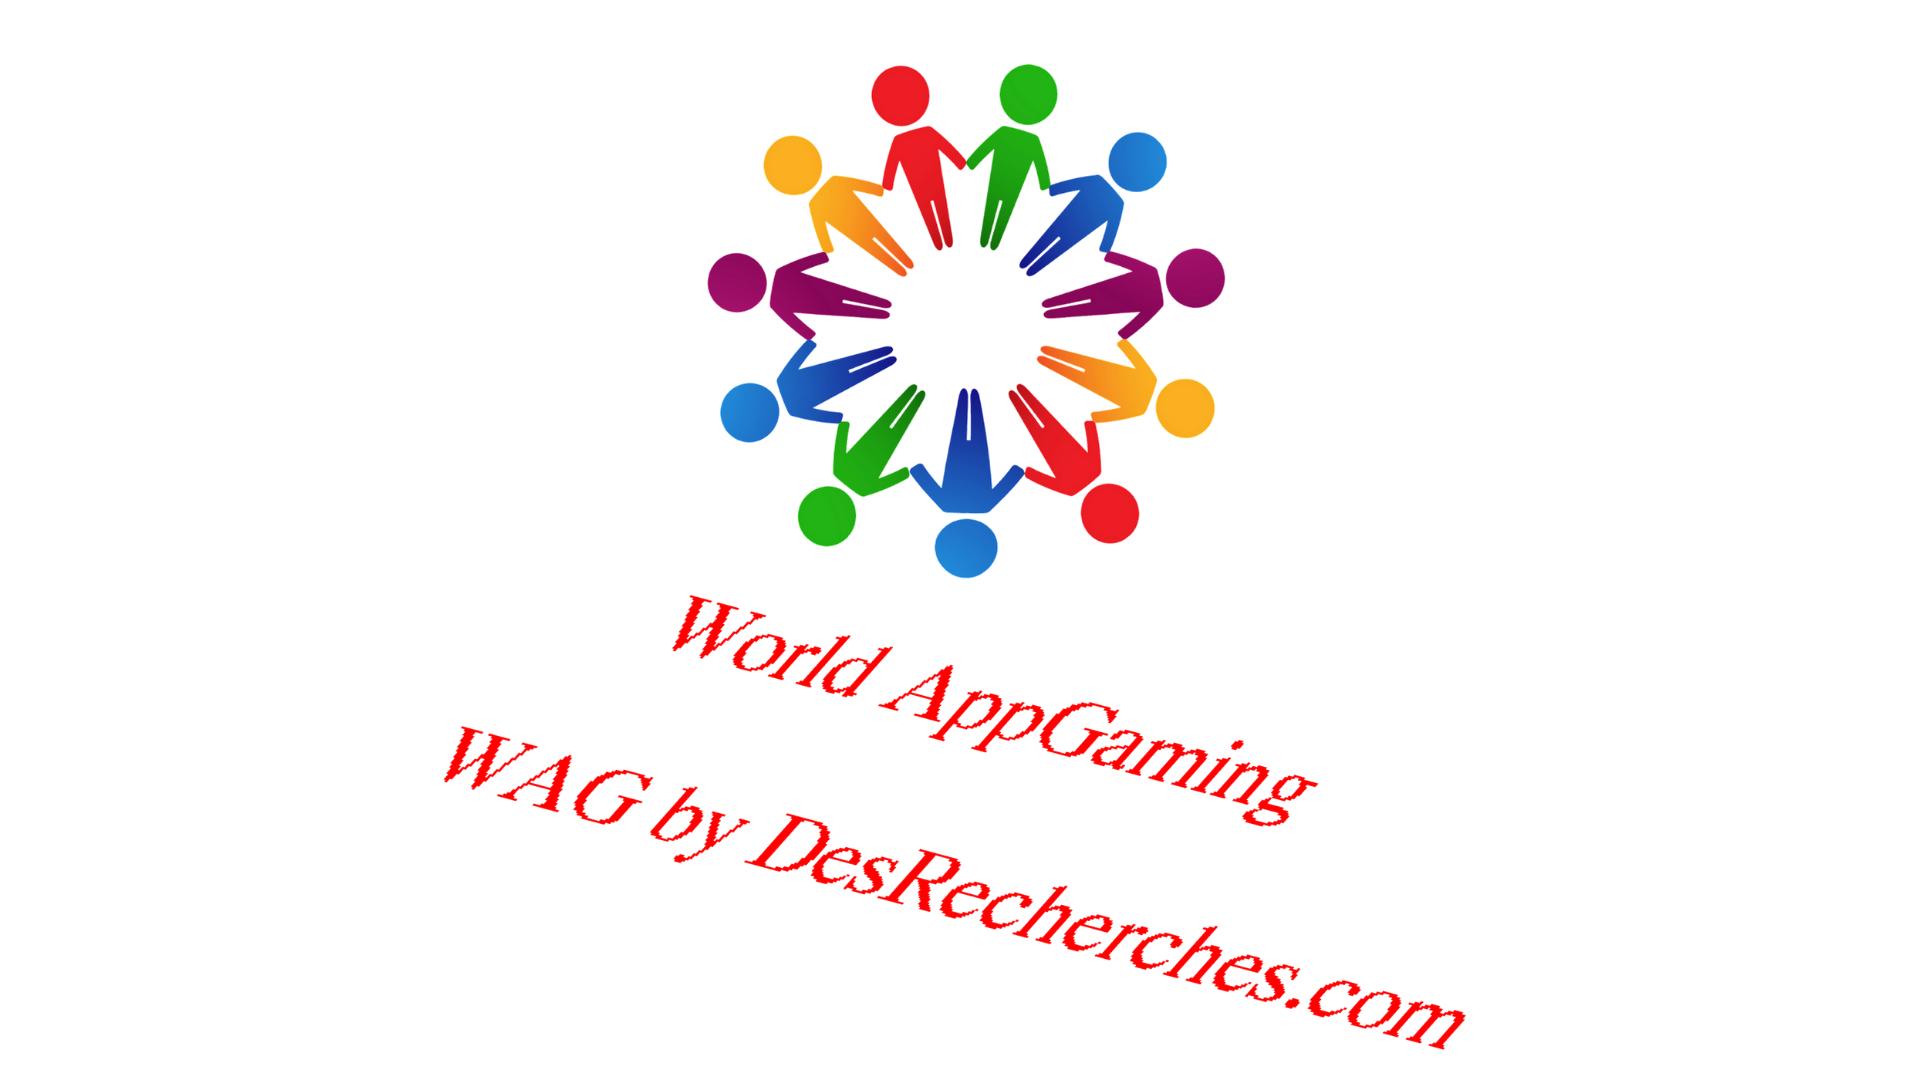 Fond d'écran PC (WAG by desrecherches.com) - 1